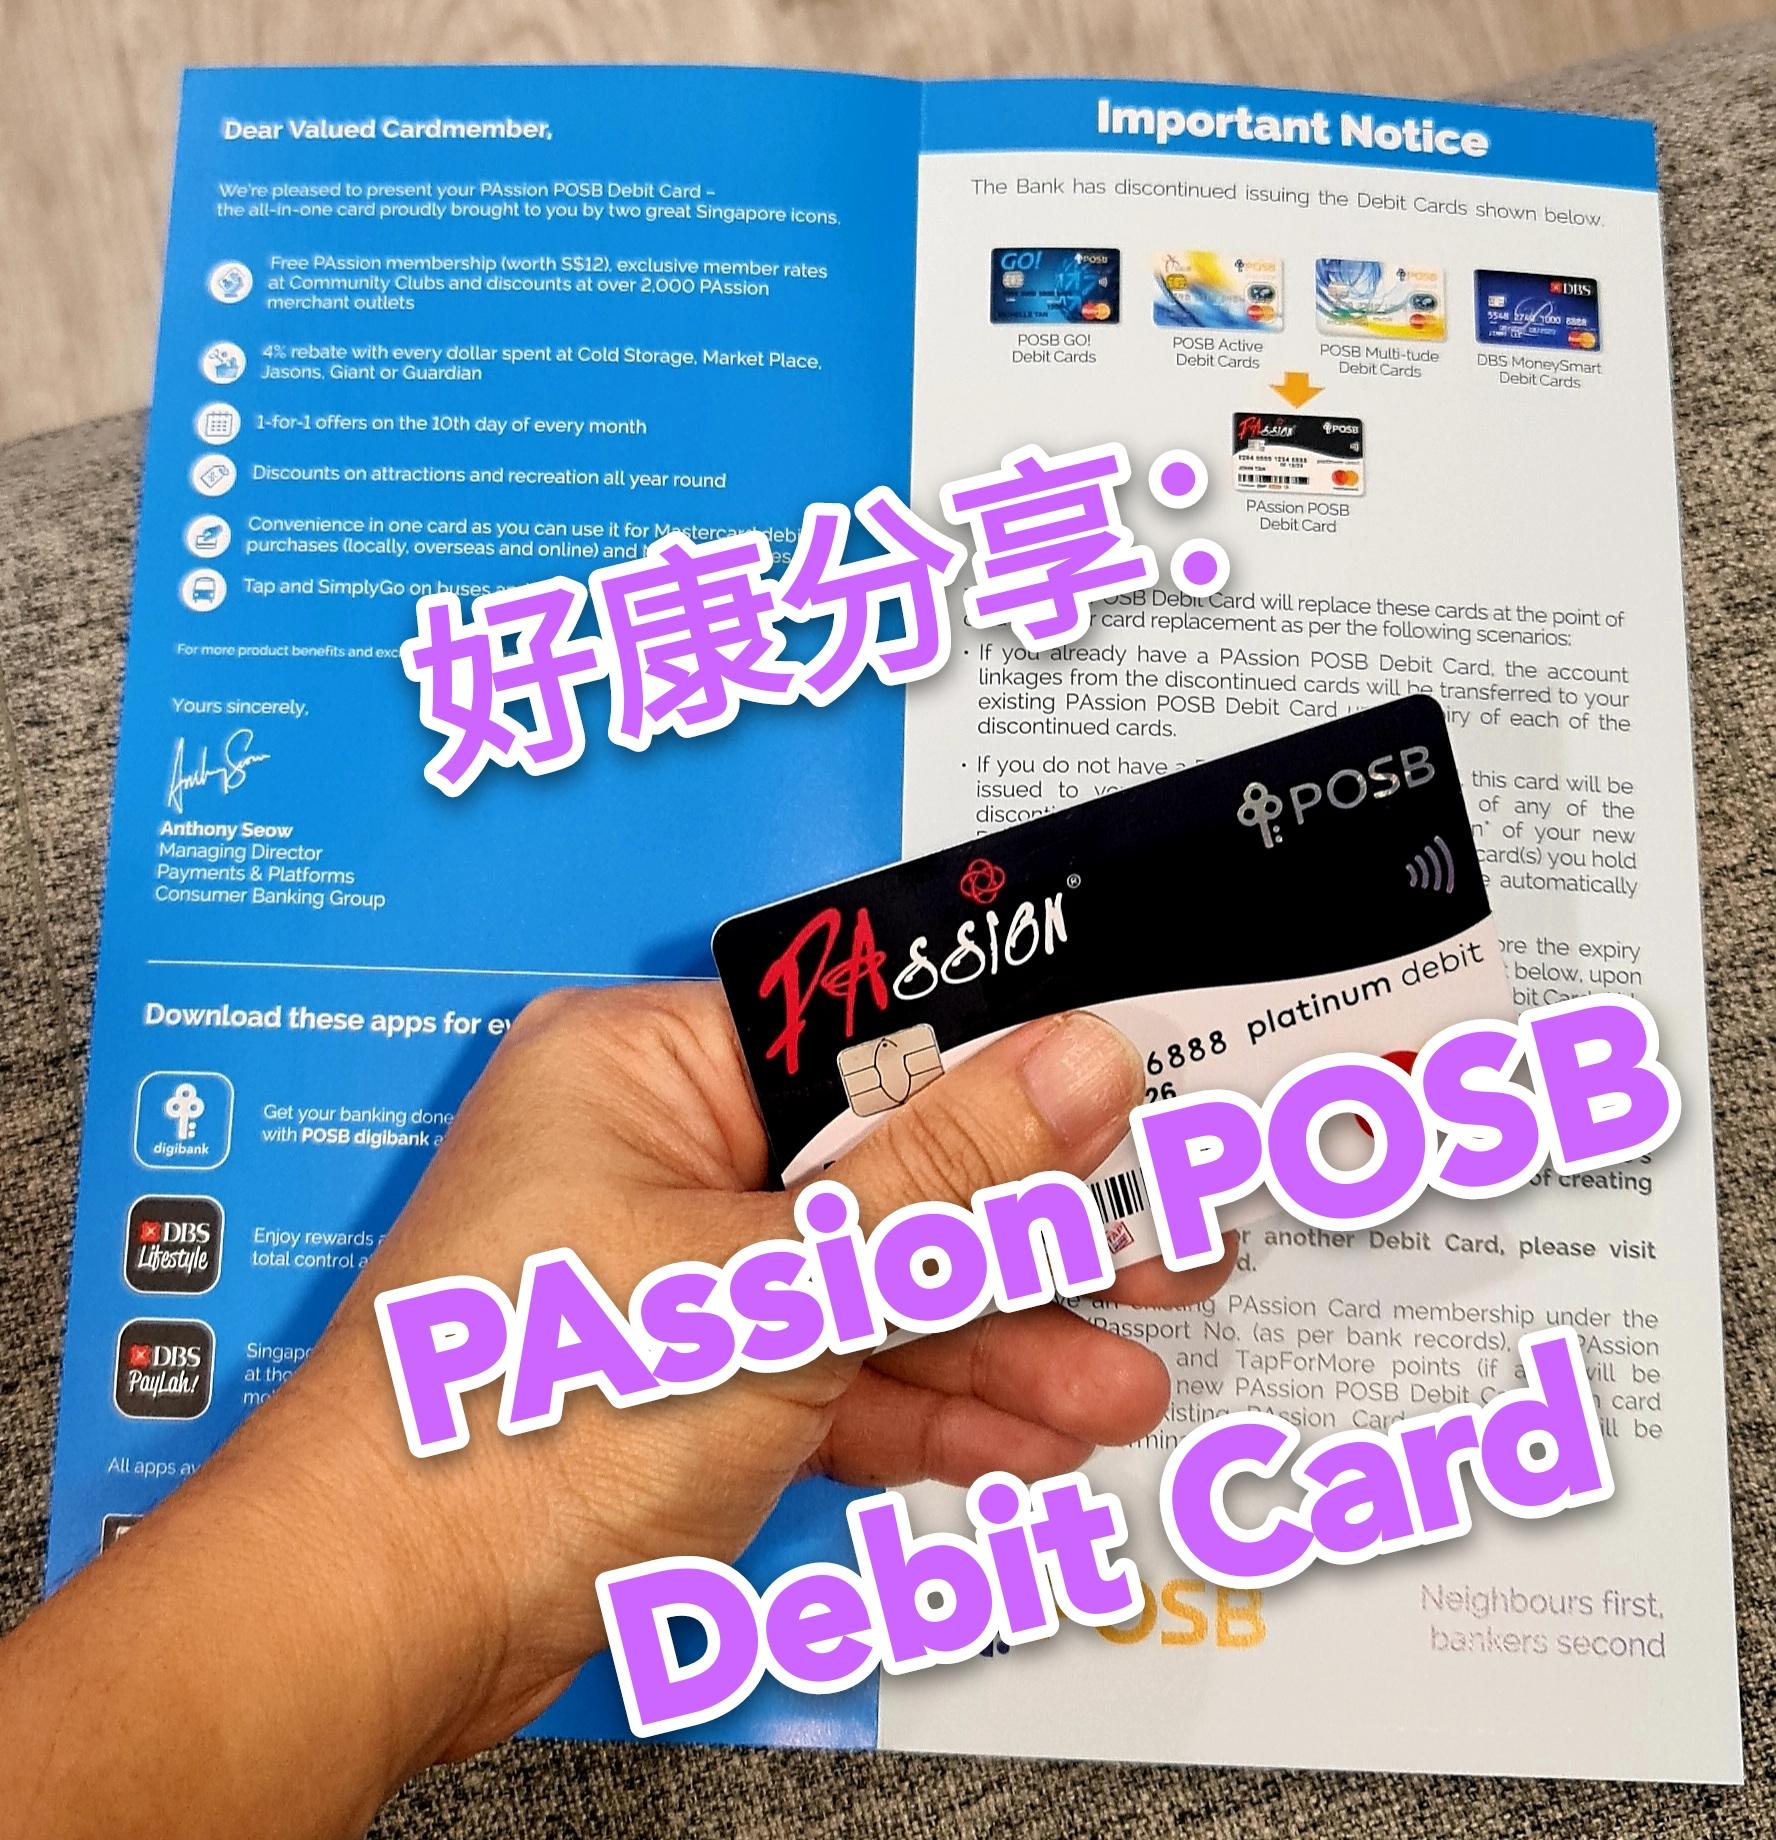 好康分享:PAssion POSB Debit Card